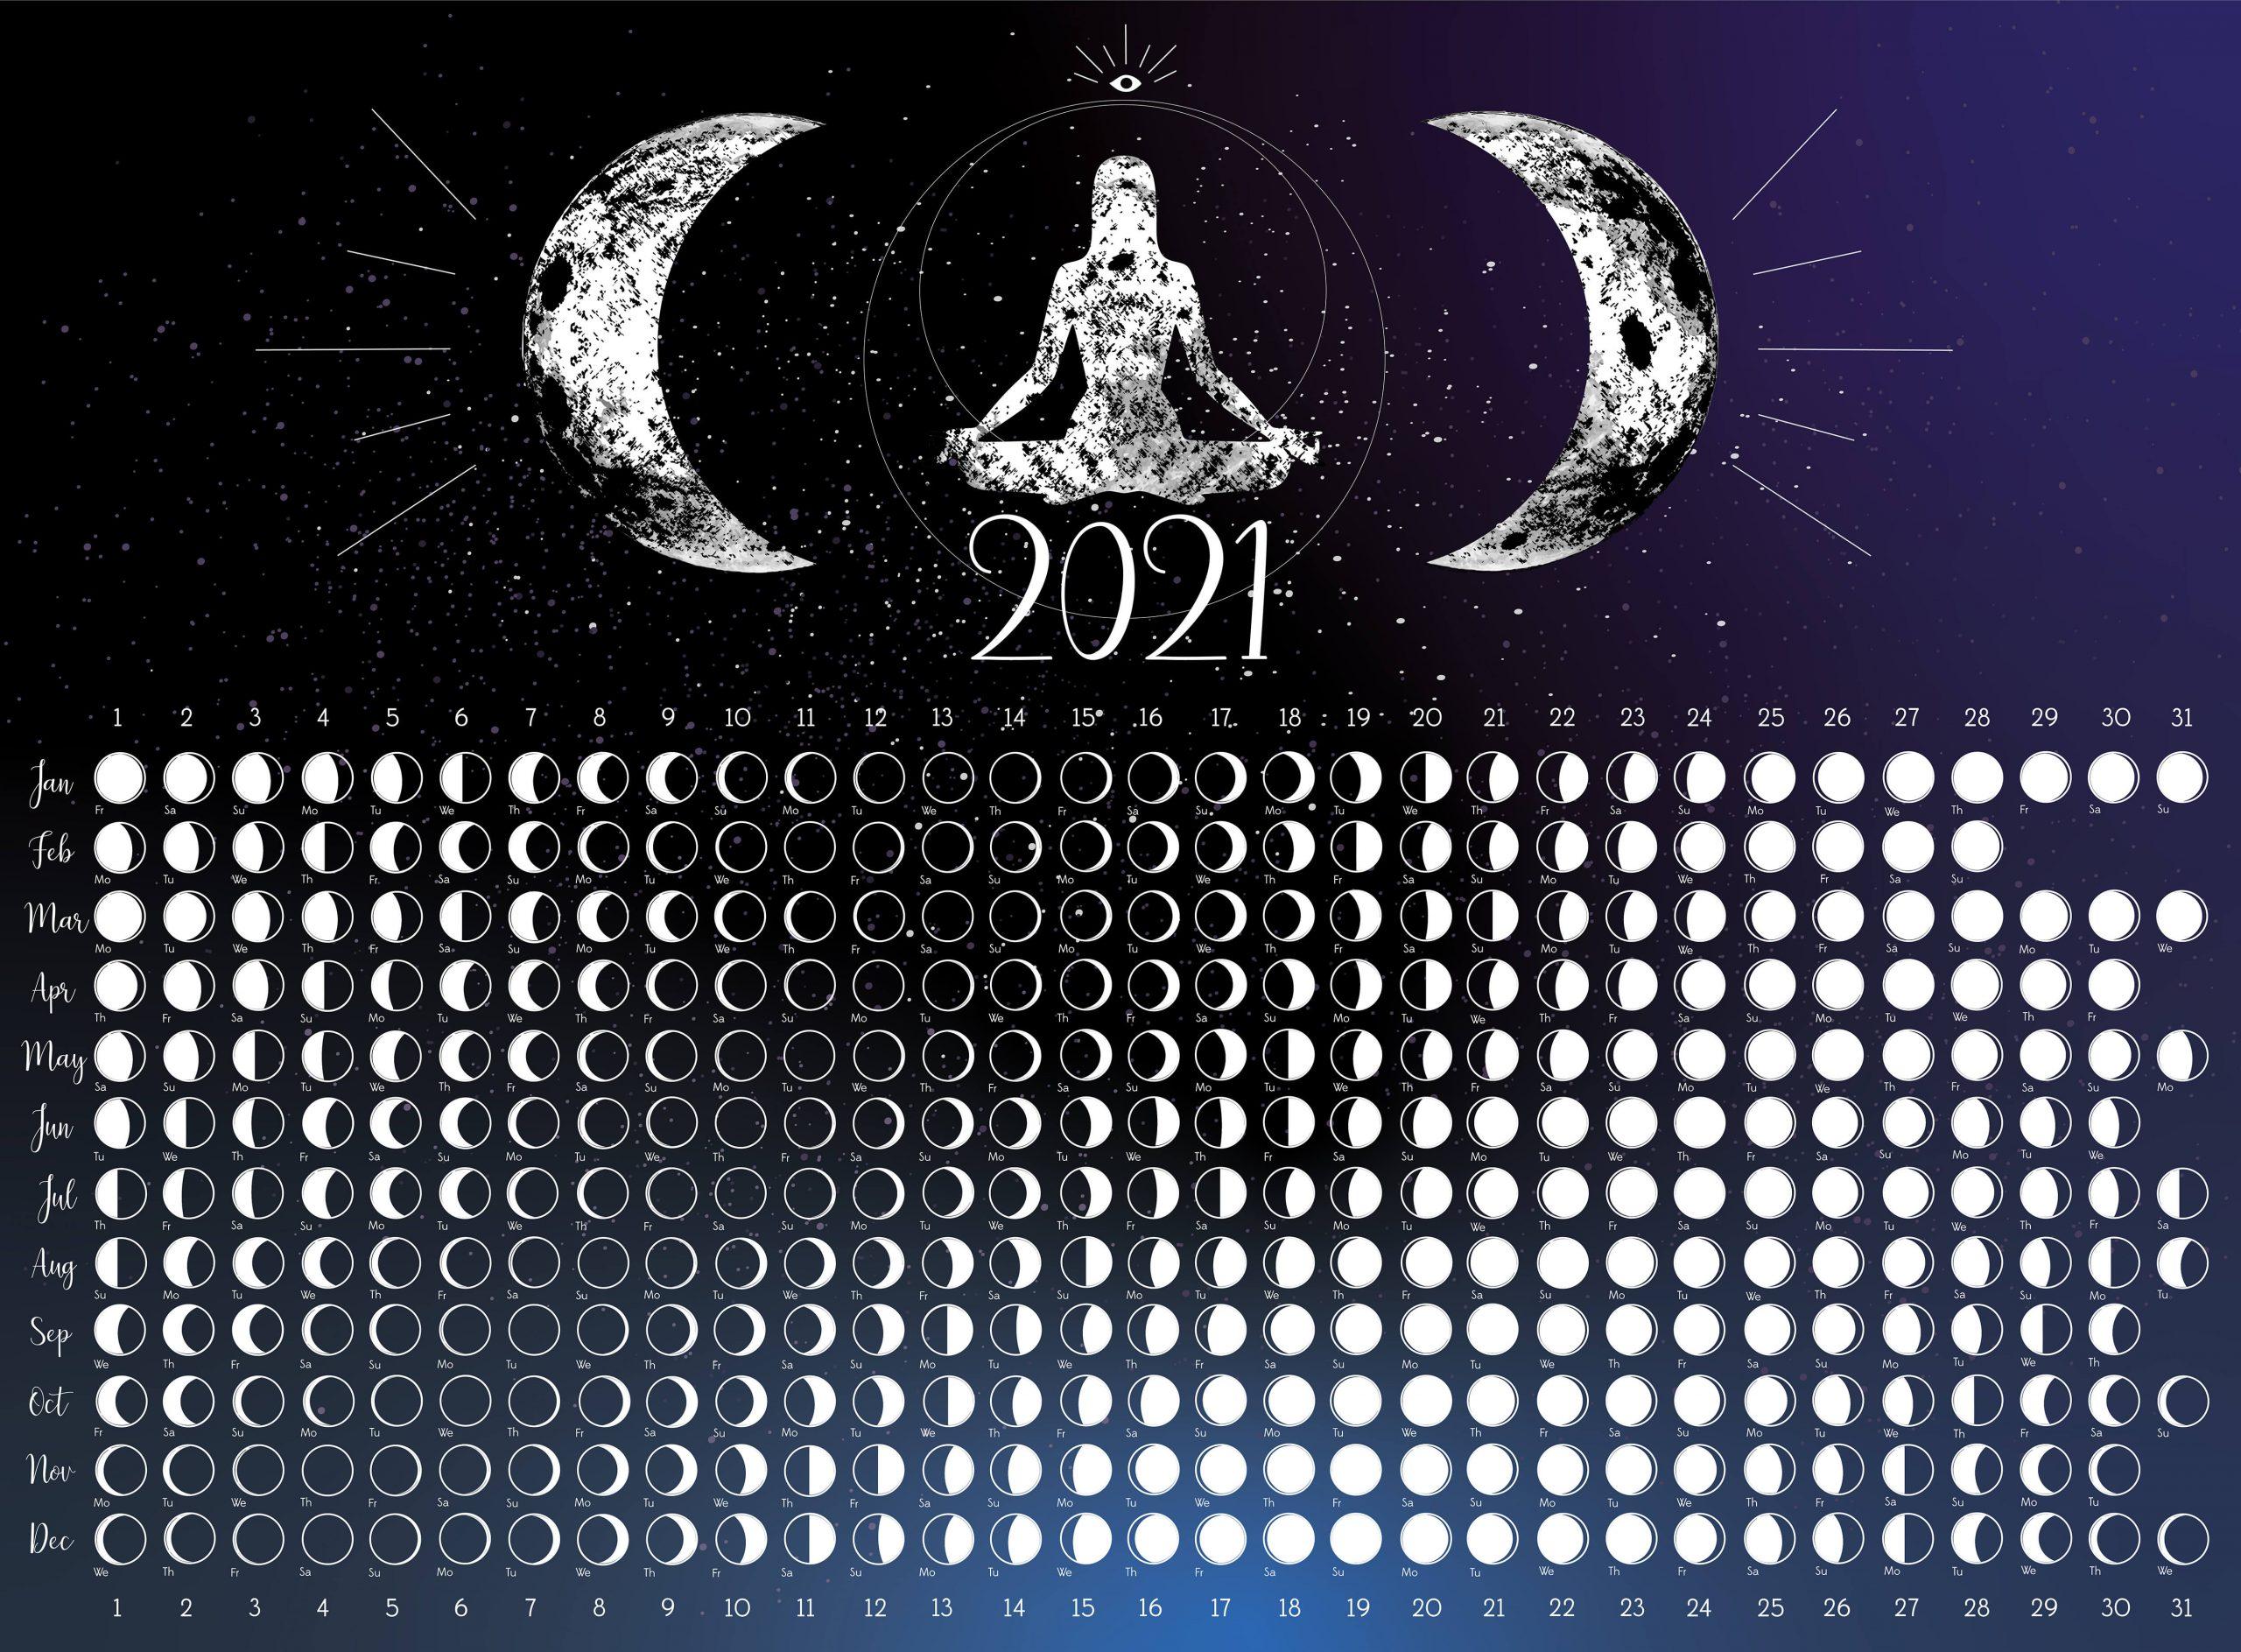 Фазы Луны на 2021 год на каждый день